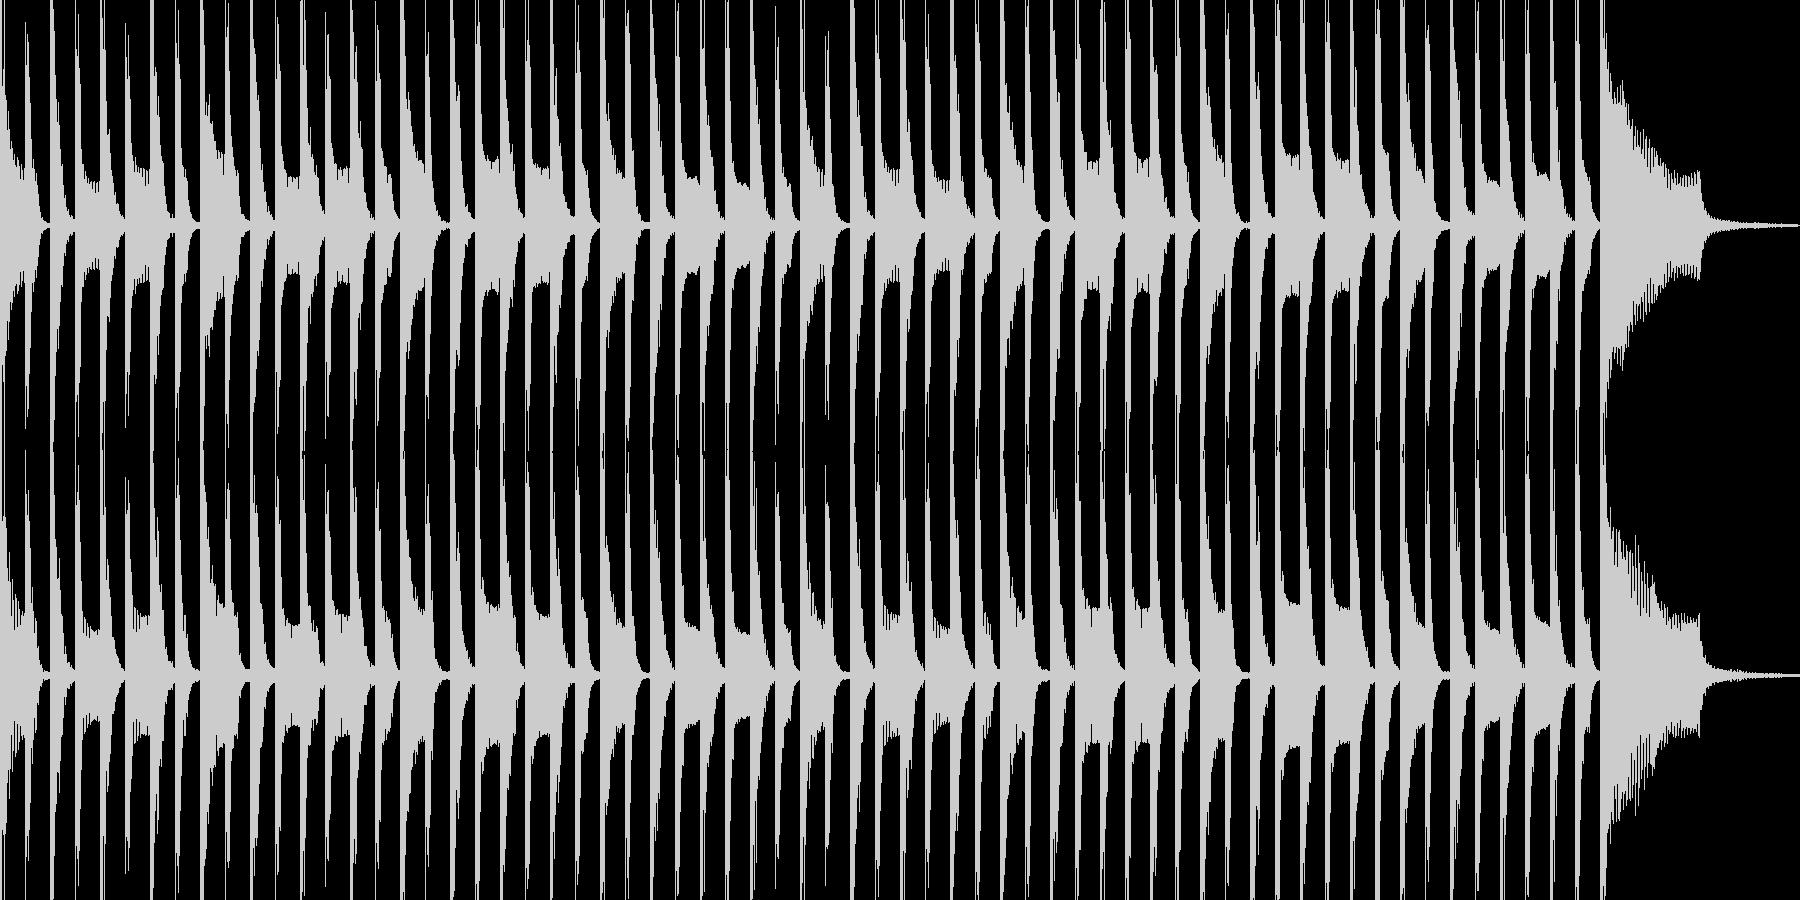 スマホTVCMの様な明るいジングル。の未再生の波形